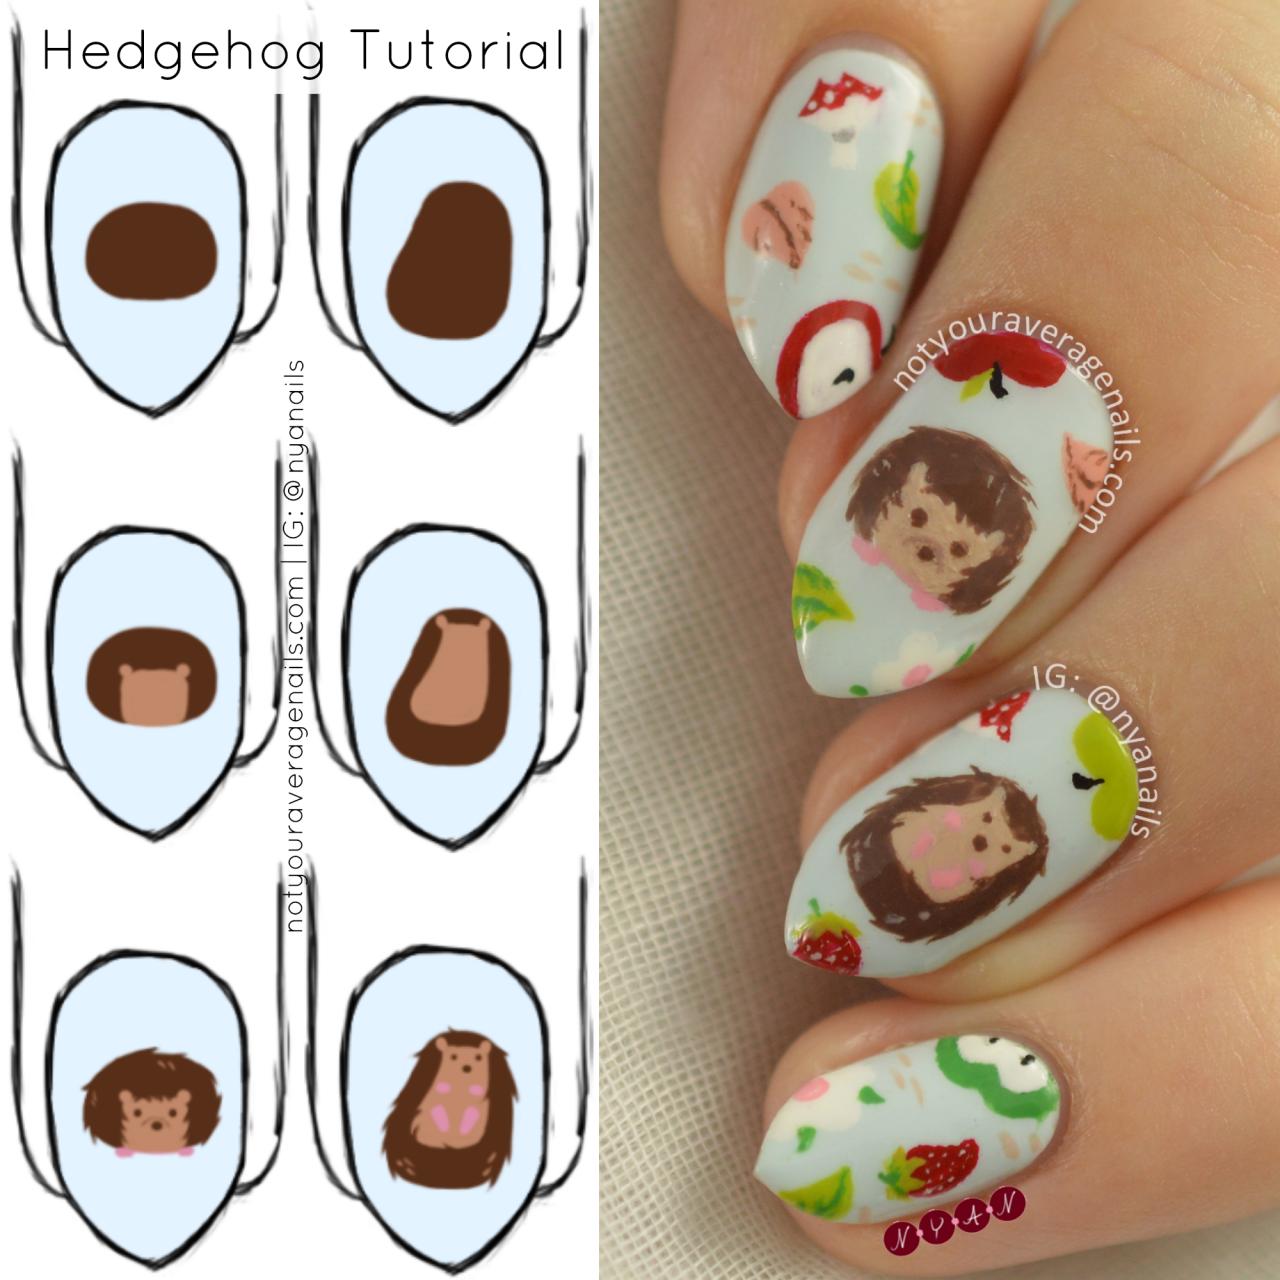 Hedgehog Nail Art Tutorial   N.Y.A.N. - Tutorials   Pinterest   Igel ...